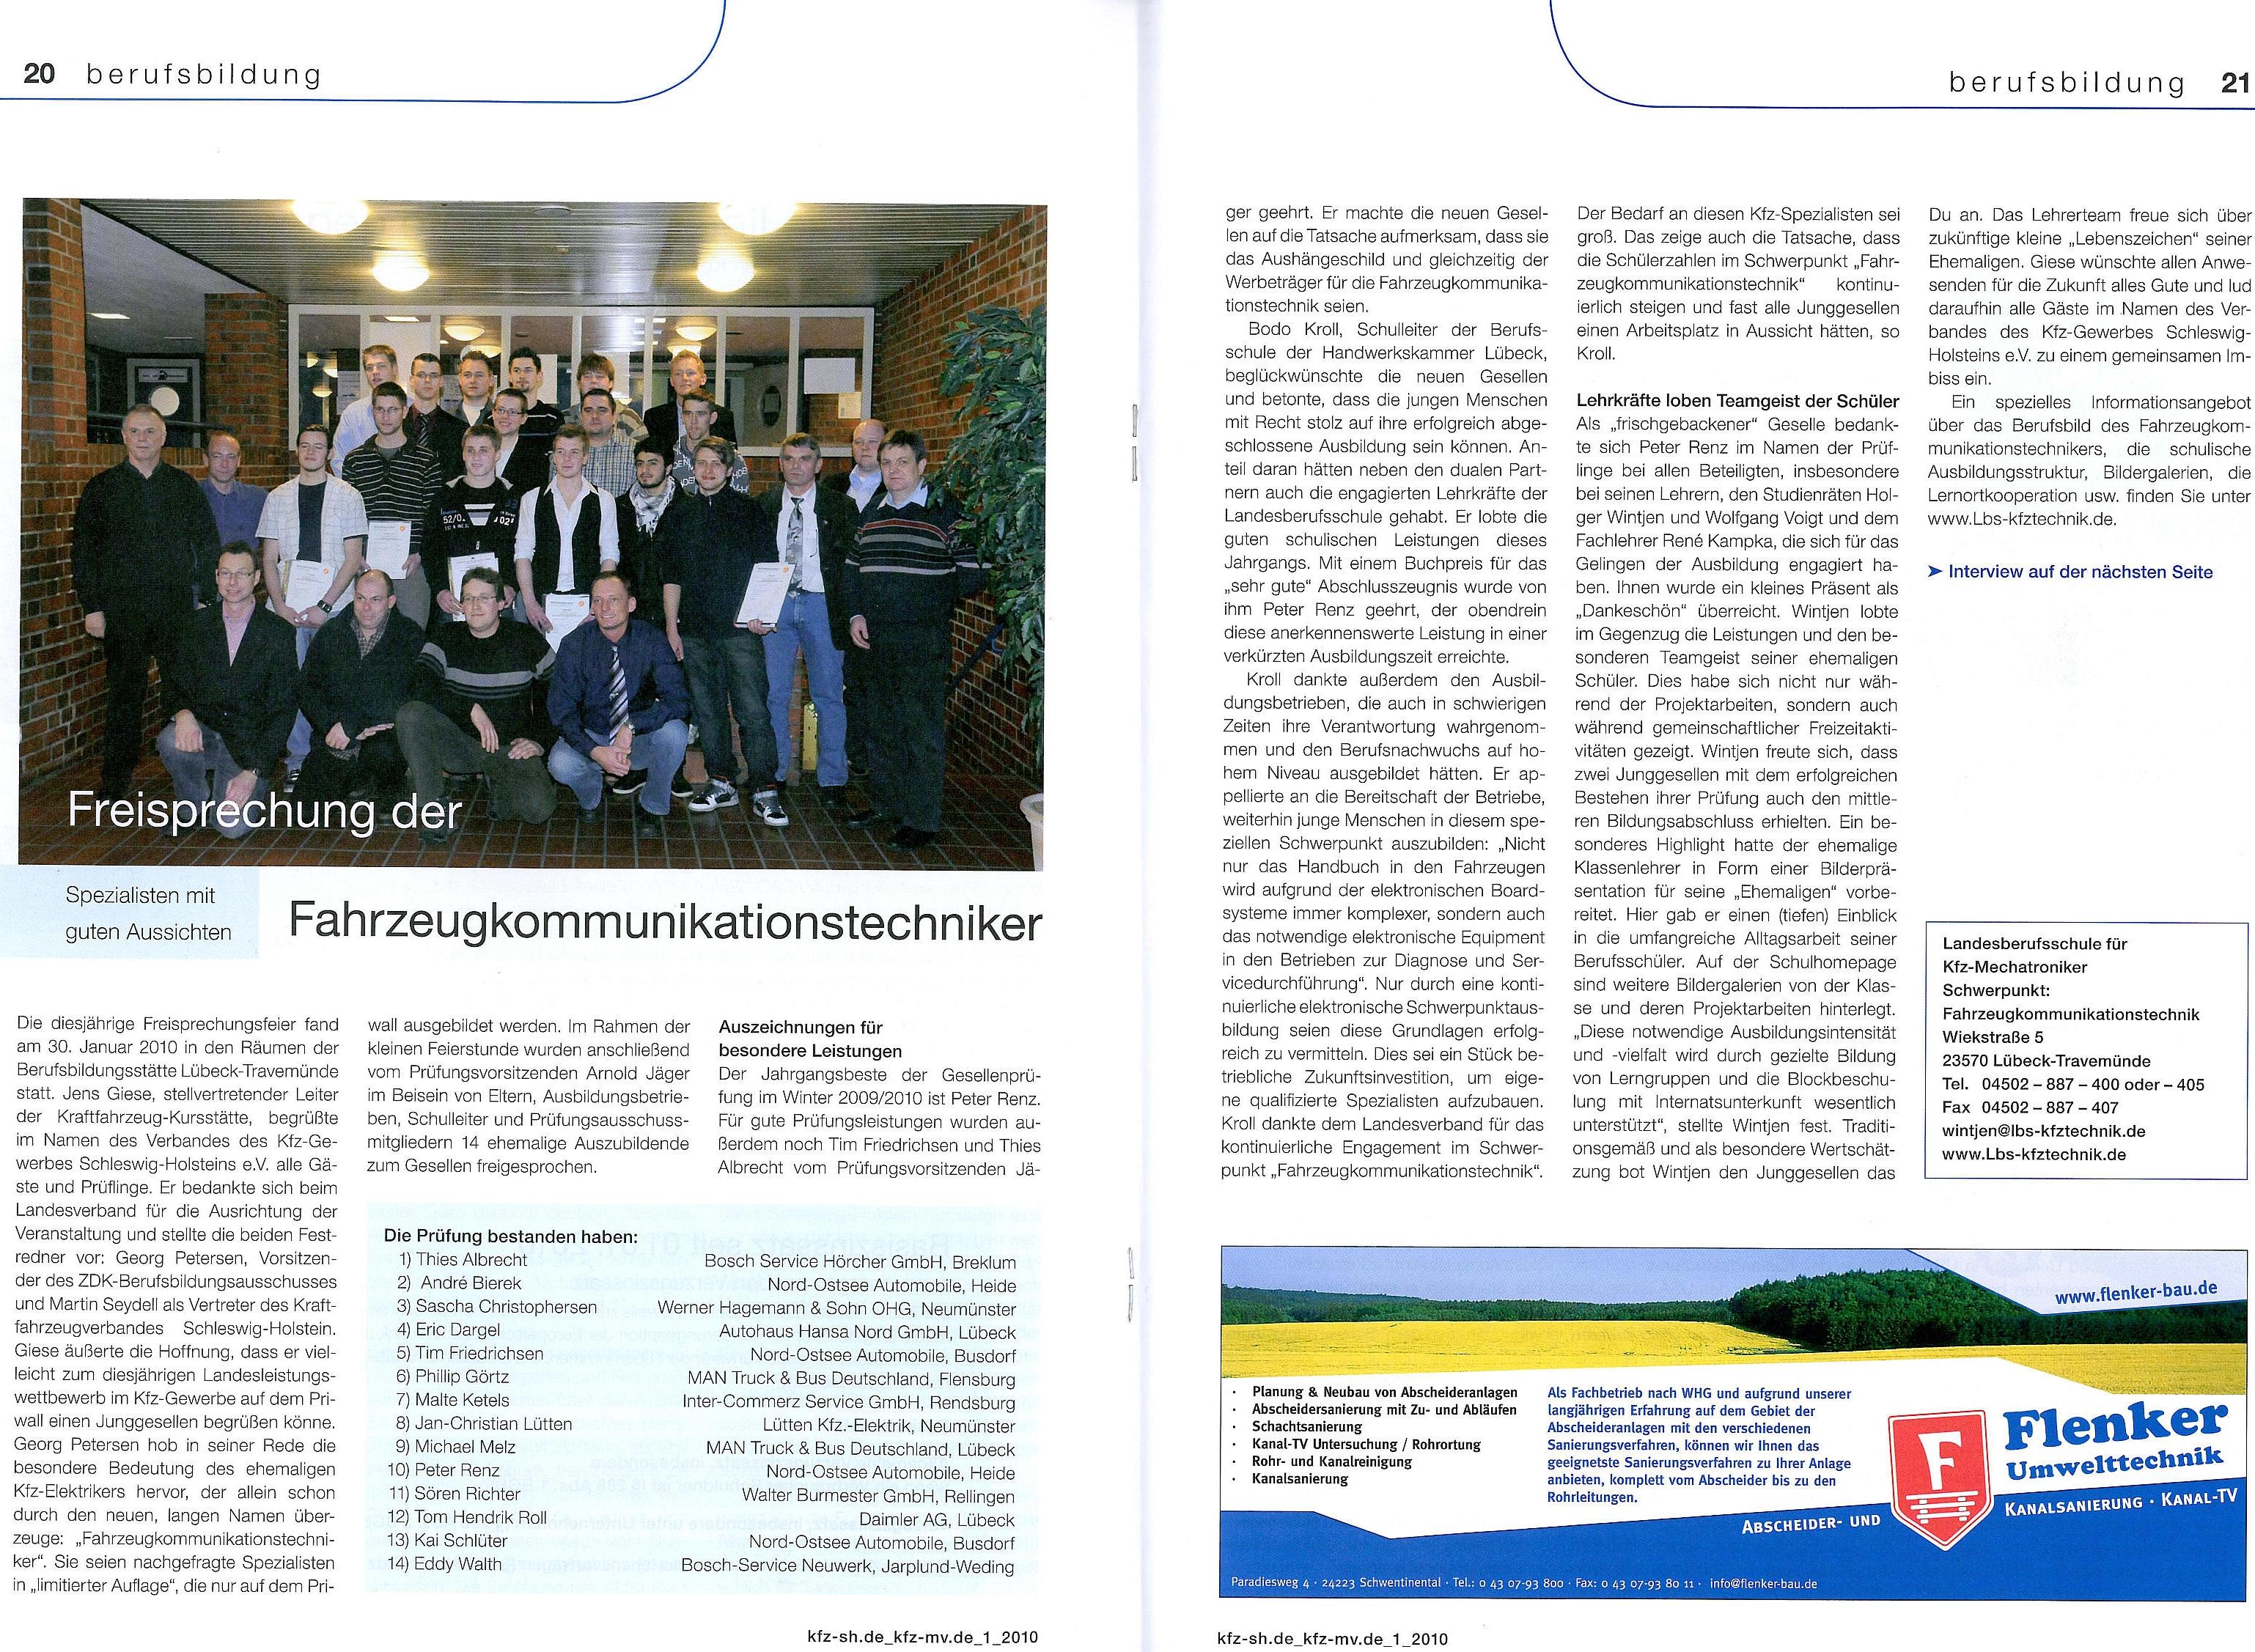 2010Artikel zur Freisprechung der Km06 aus der Verbandszeitschrift